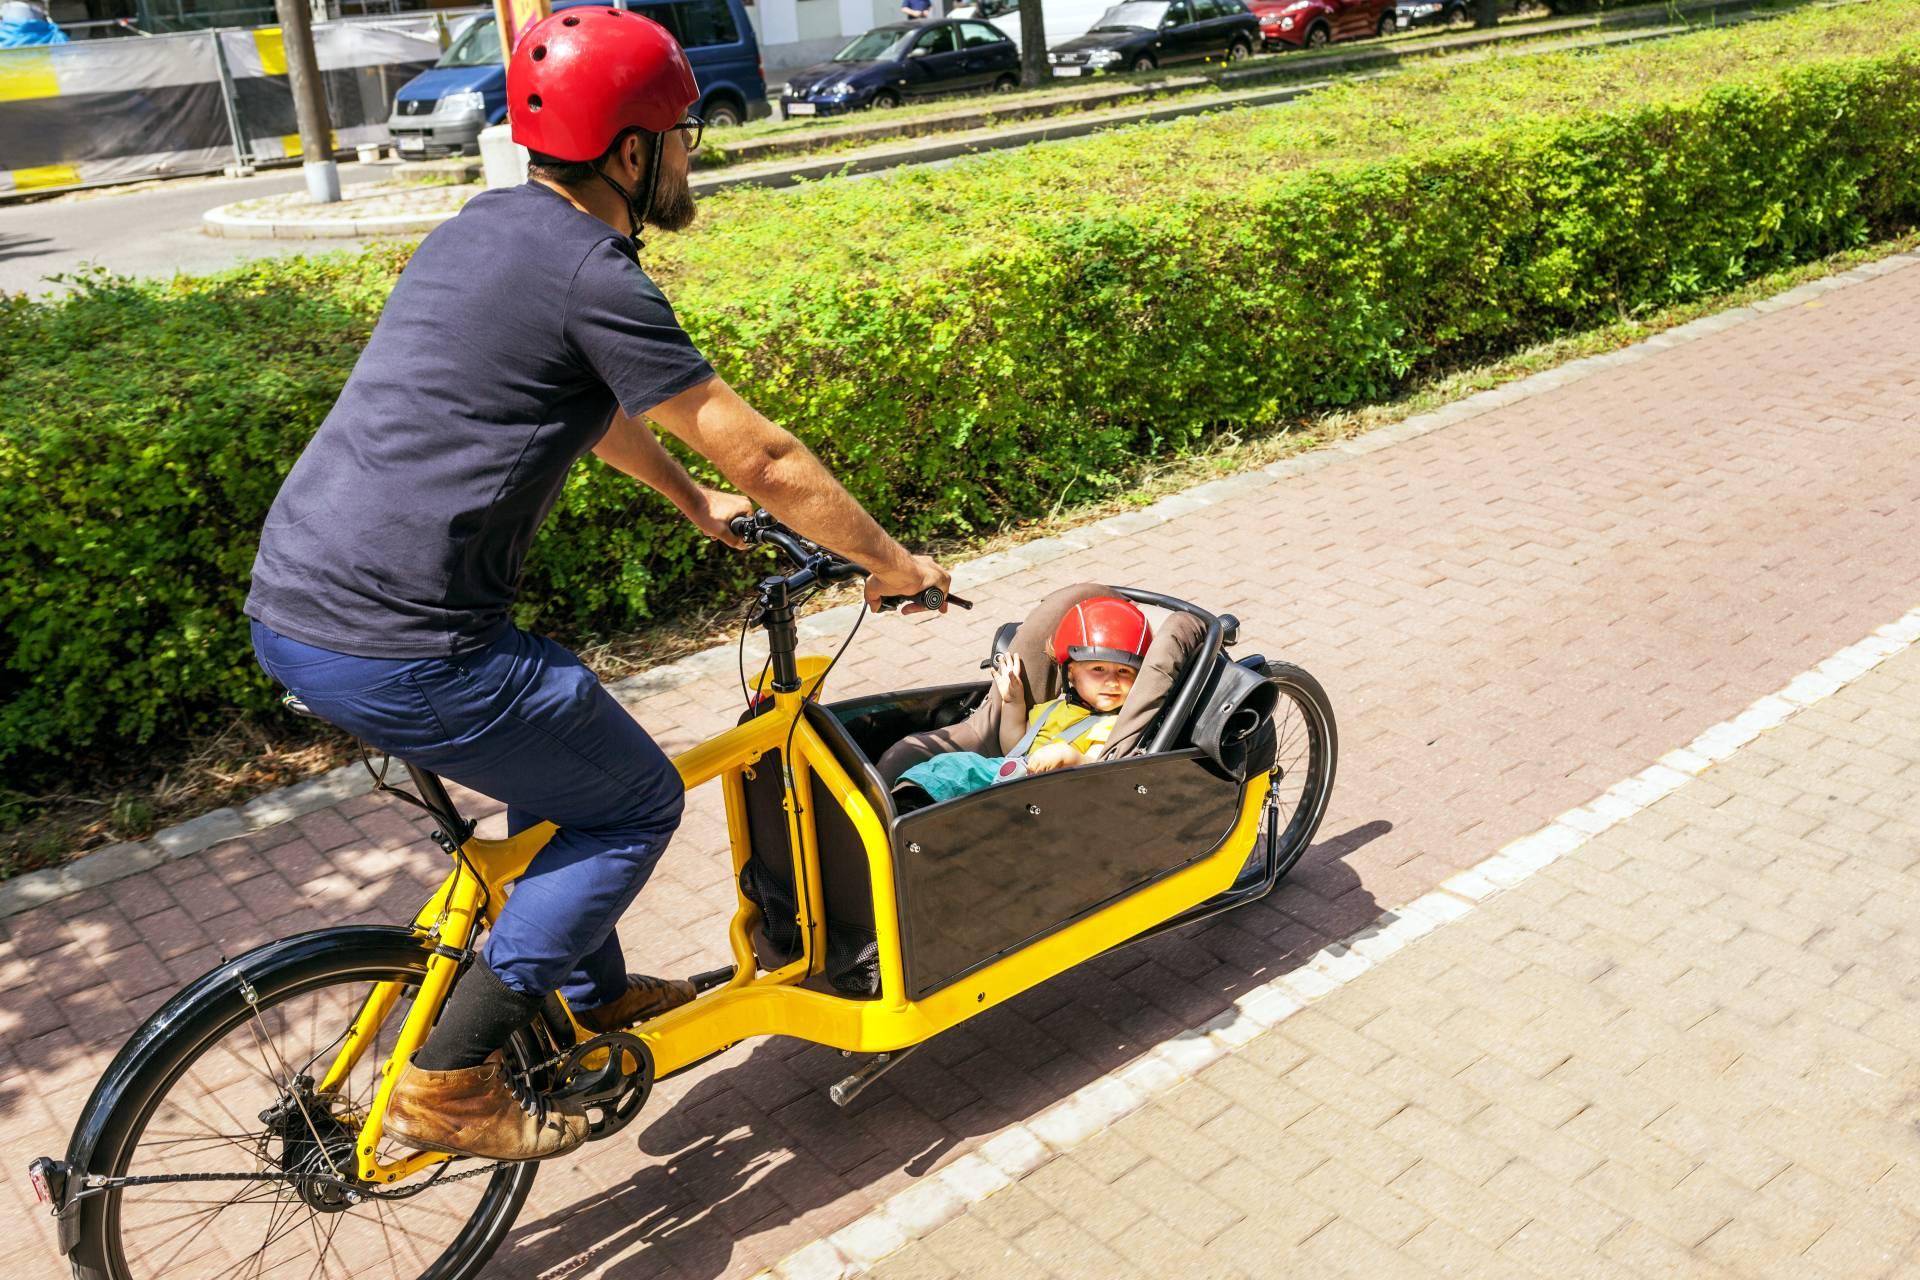 Ein Vater fährt mit einem gelben Lastenrad, im Korb vorne liegt seine 2 Jahre alte Tochter.